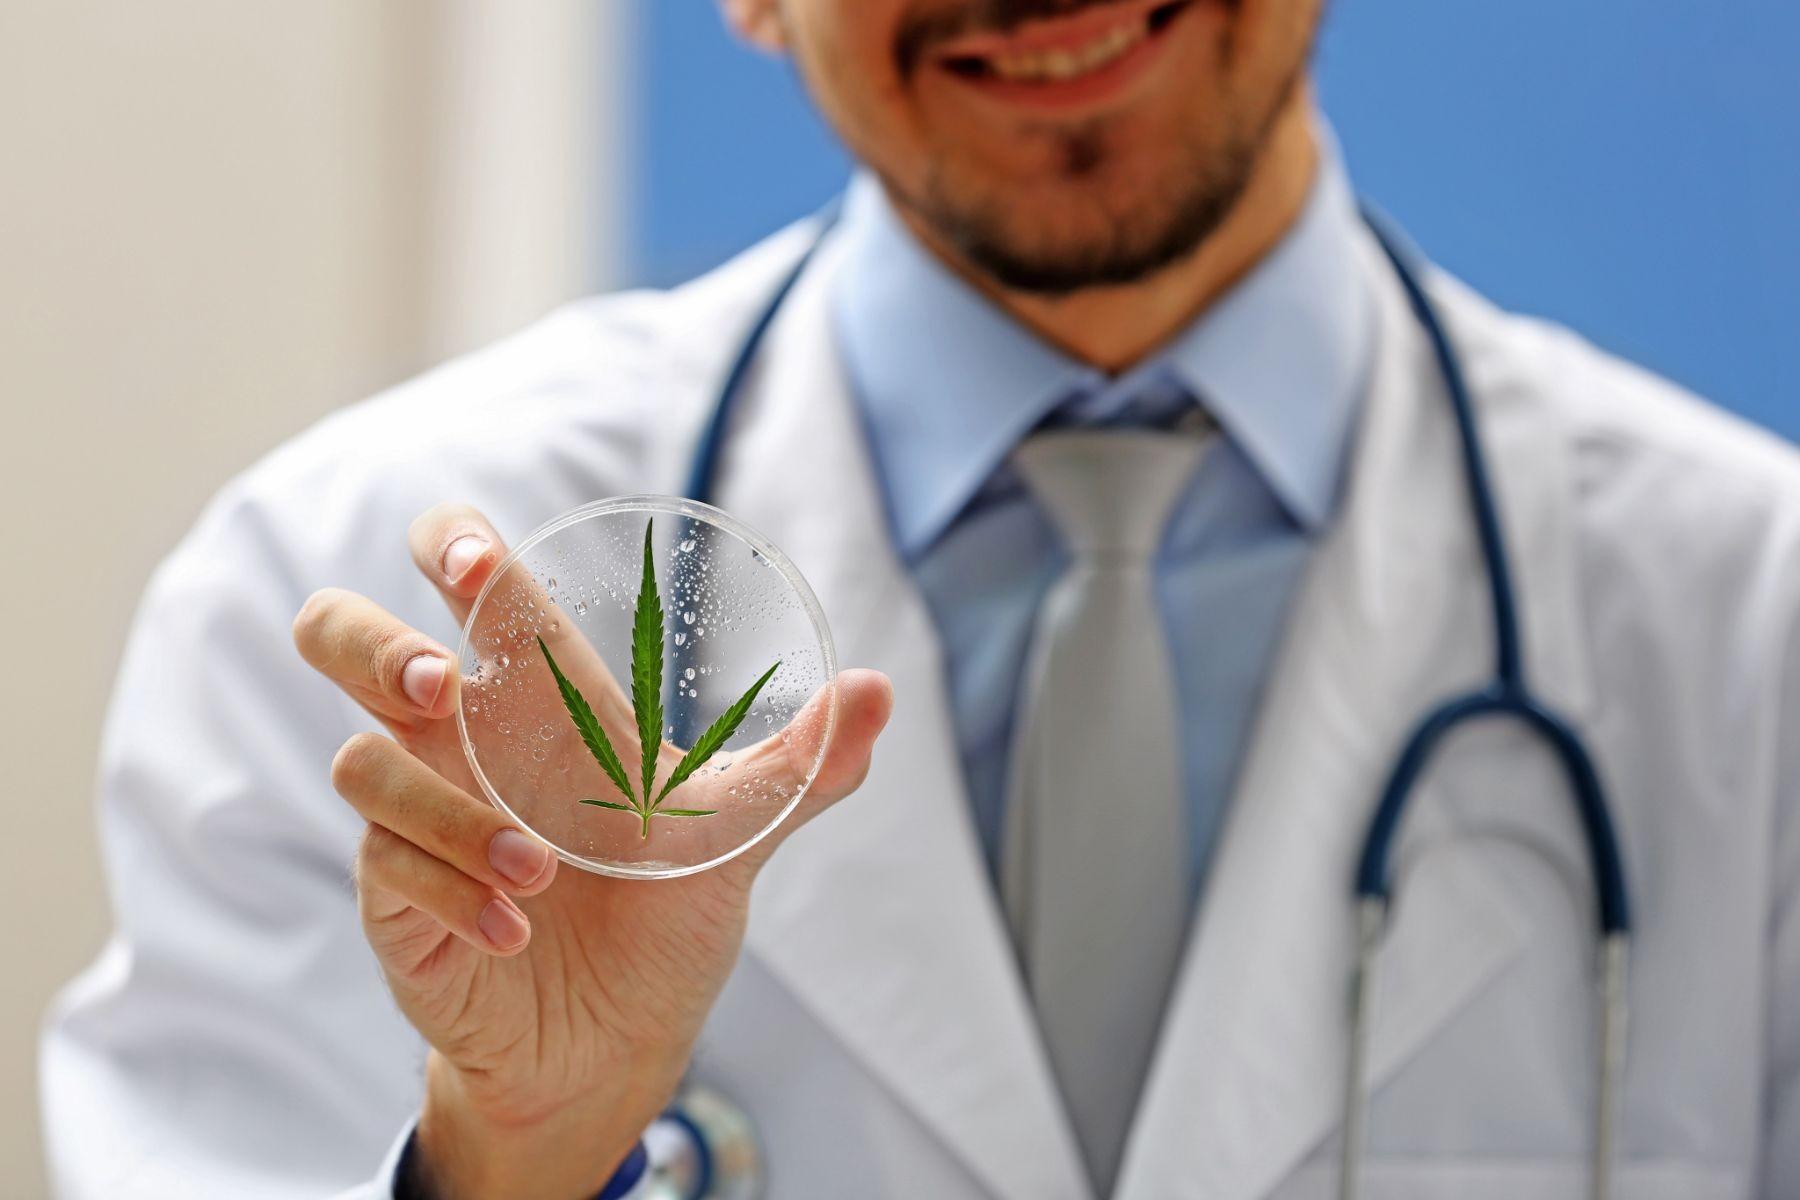 Medico sosteniendo un contenedor con una hoja de cannabis